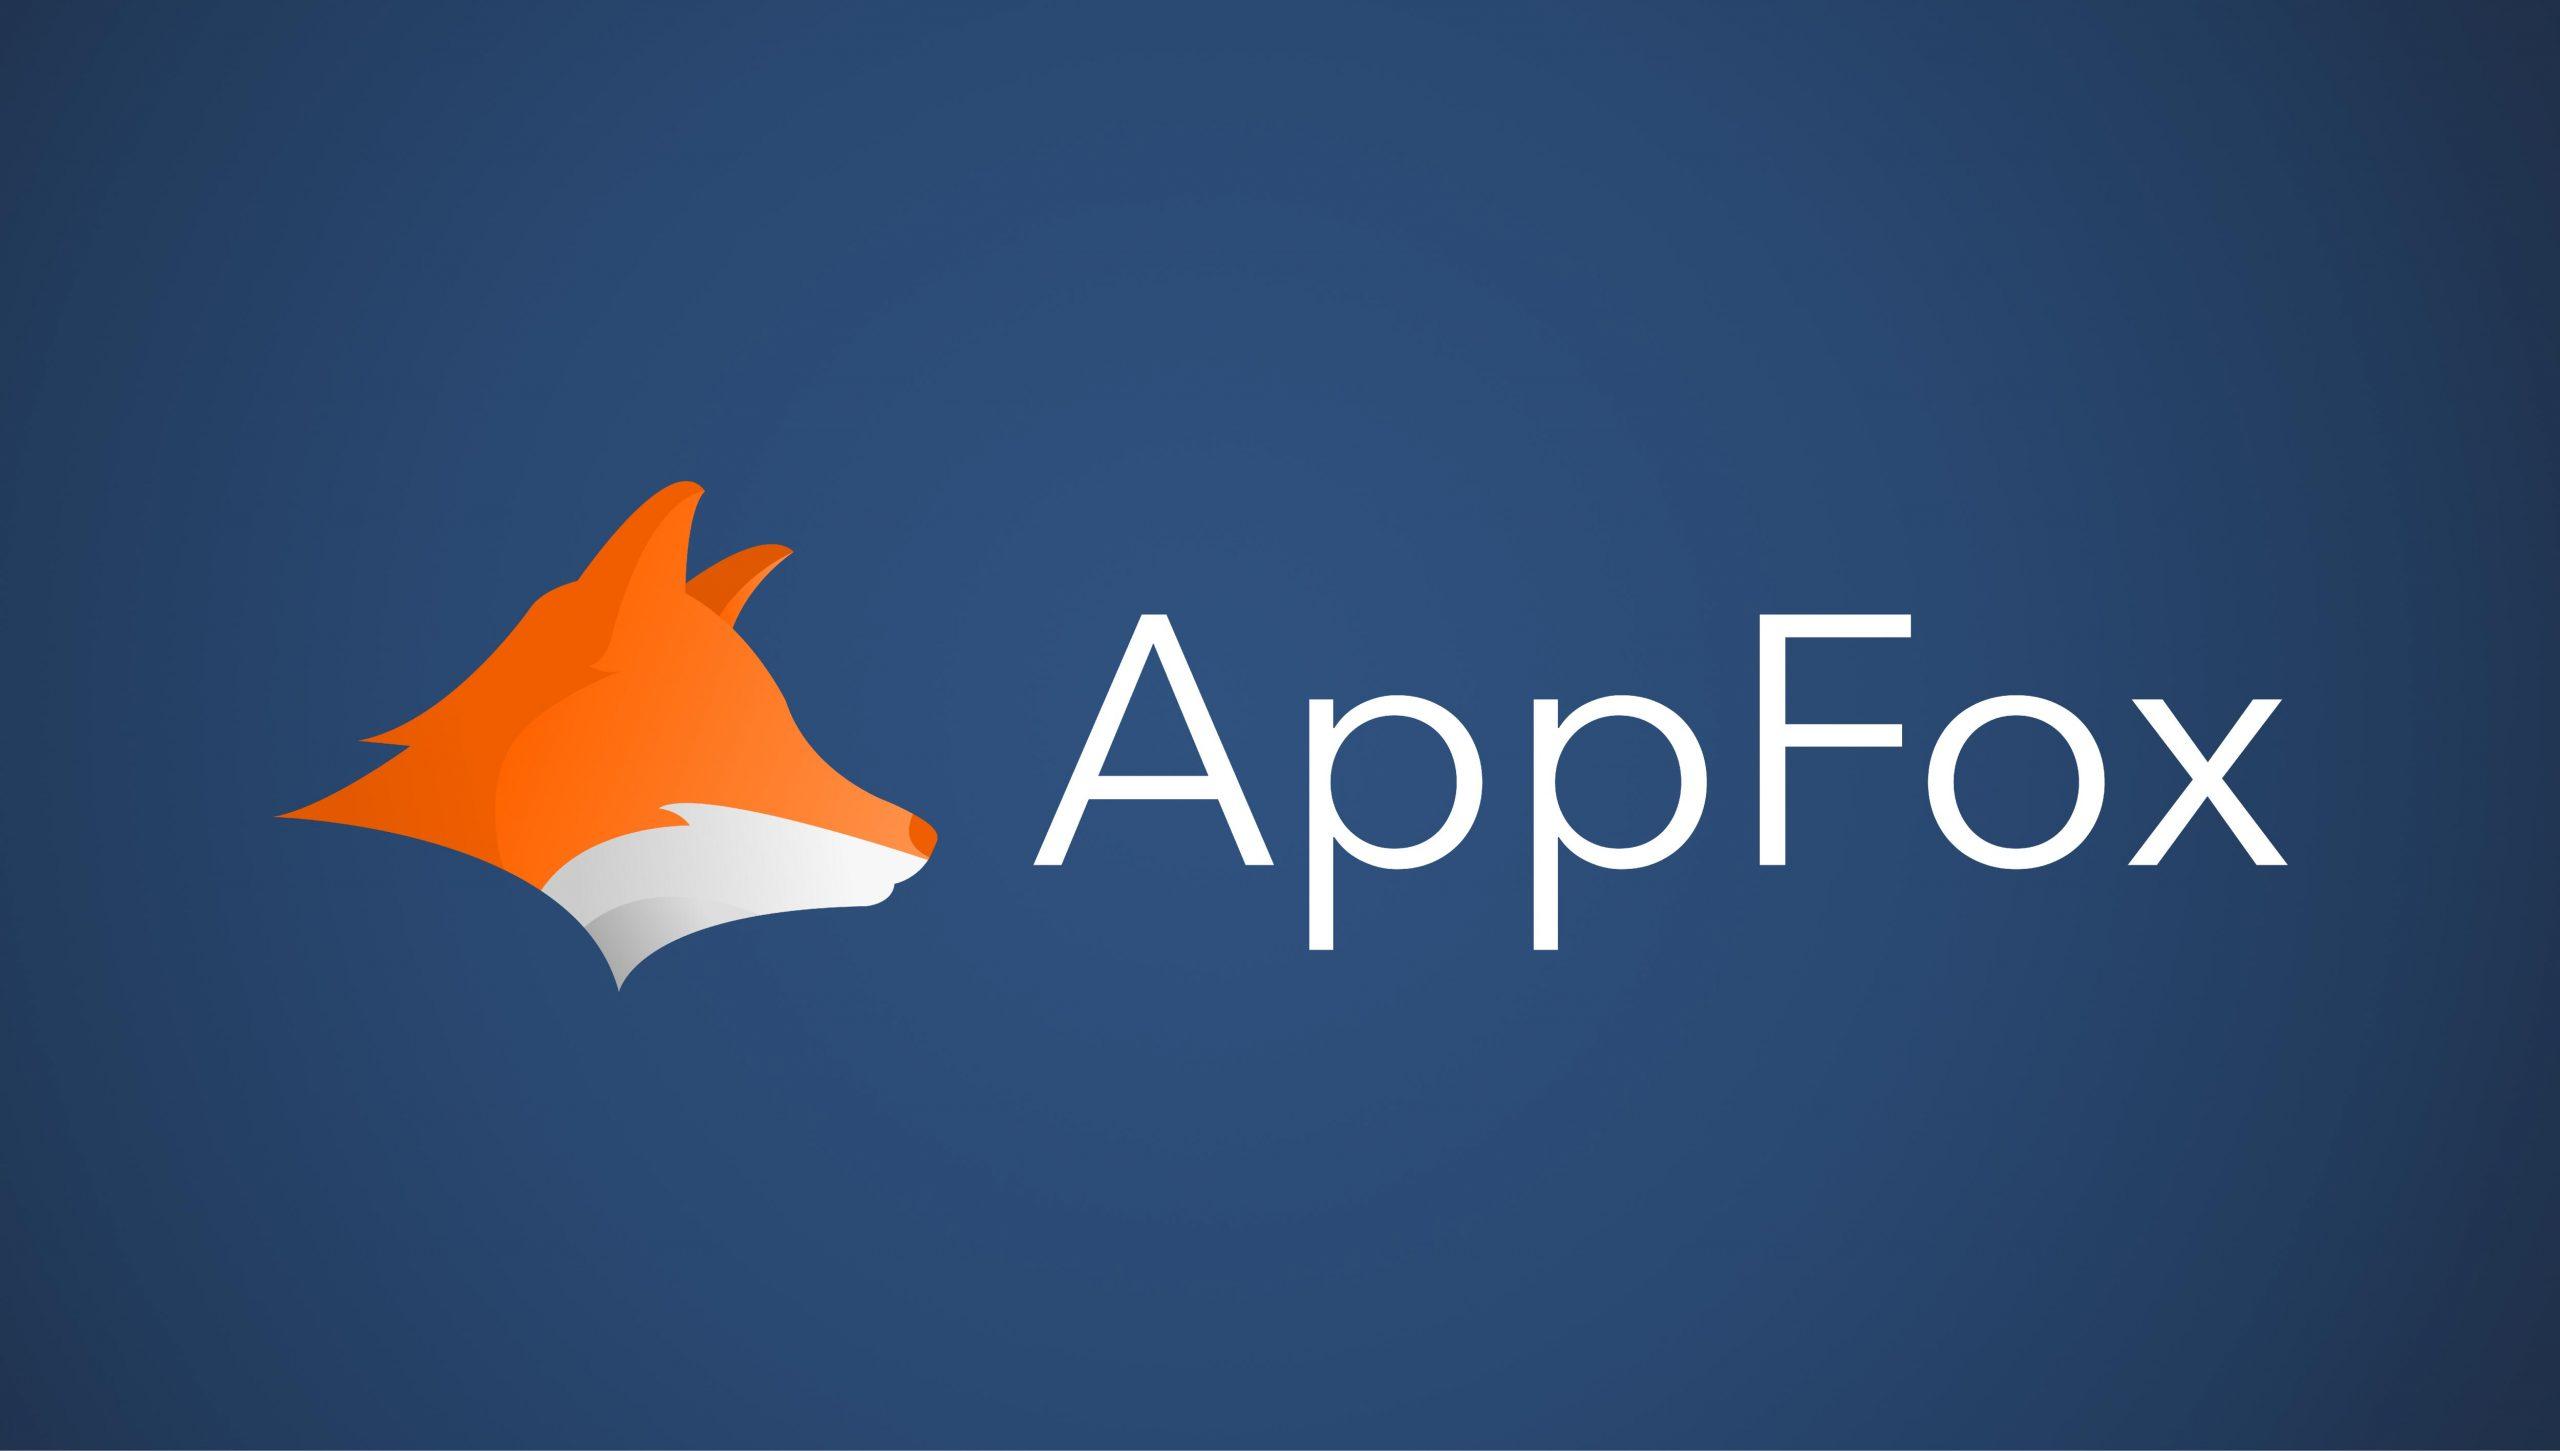 AppFox Logo on a dark blue background